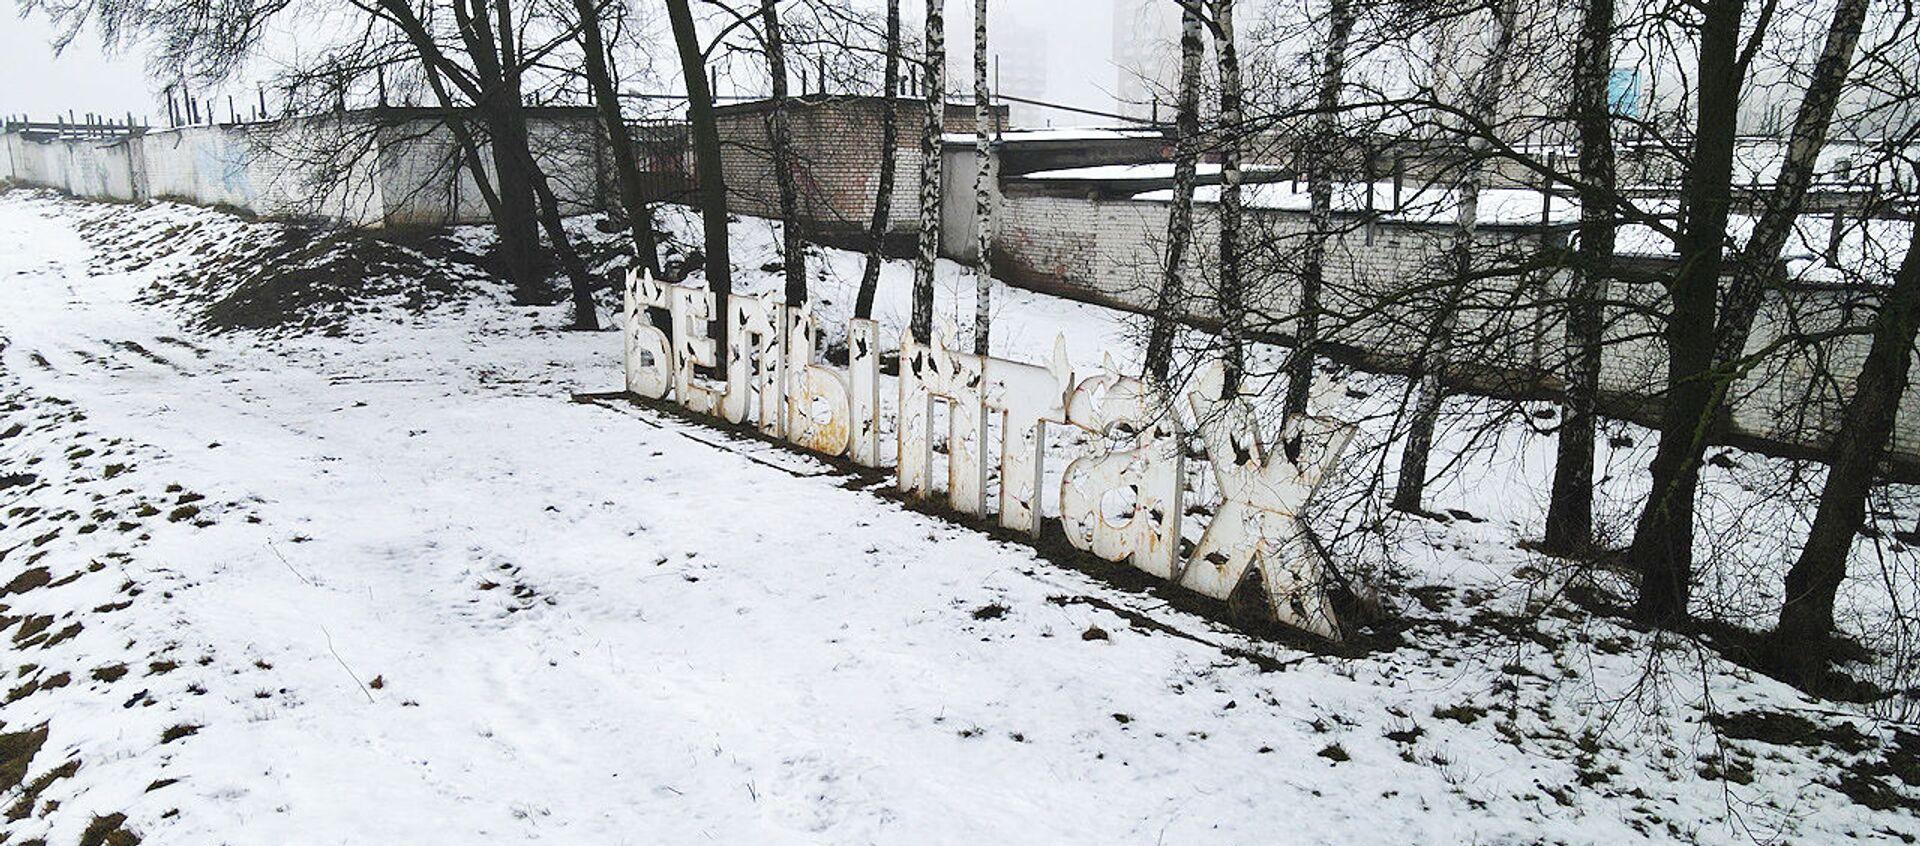 Куды знік з набярэжнай арт-аб'ект Белы птах? - відэа - Sputnik Беларусь, 1920, 05.02.2021